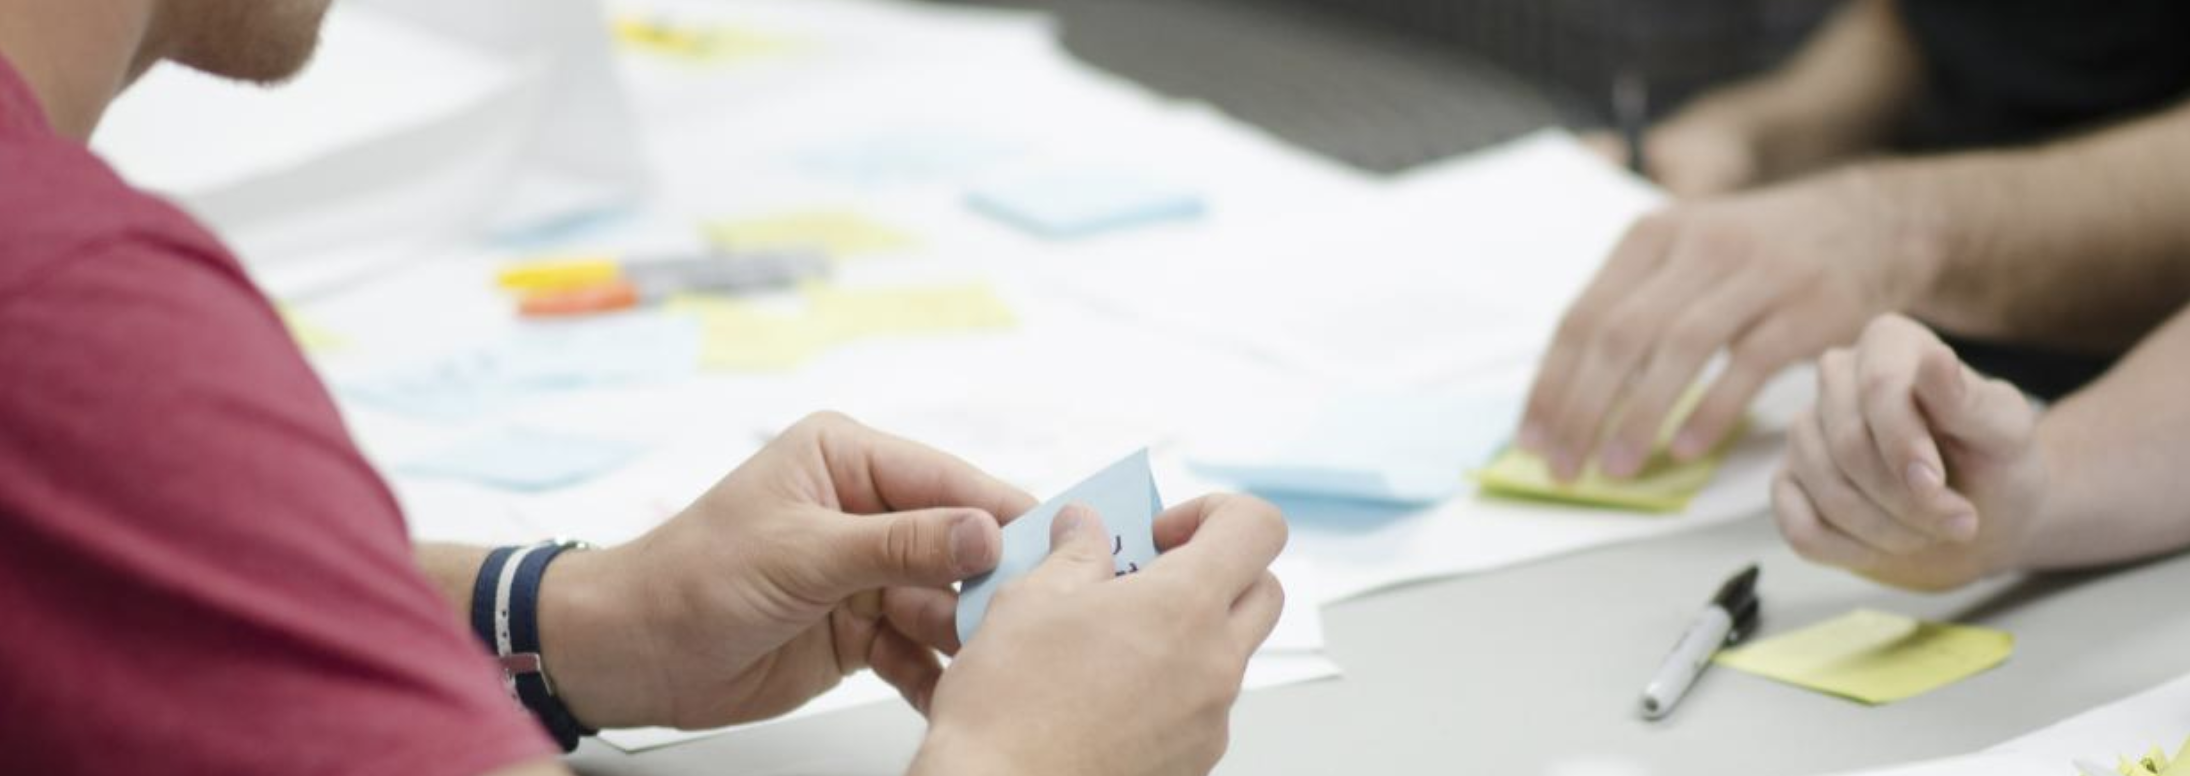 Socialab busca emprendedores que generen impacto en UY -